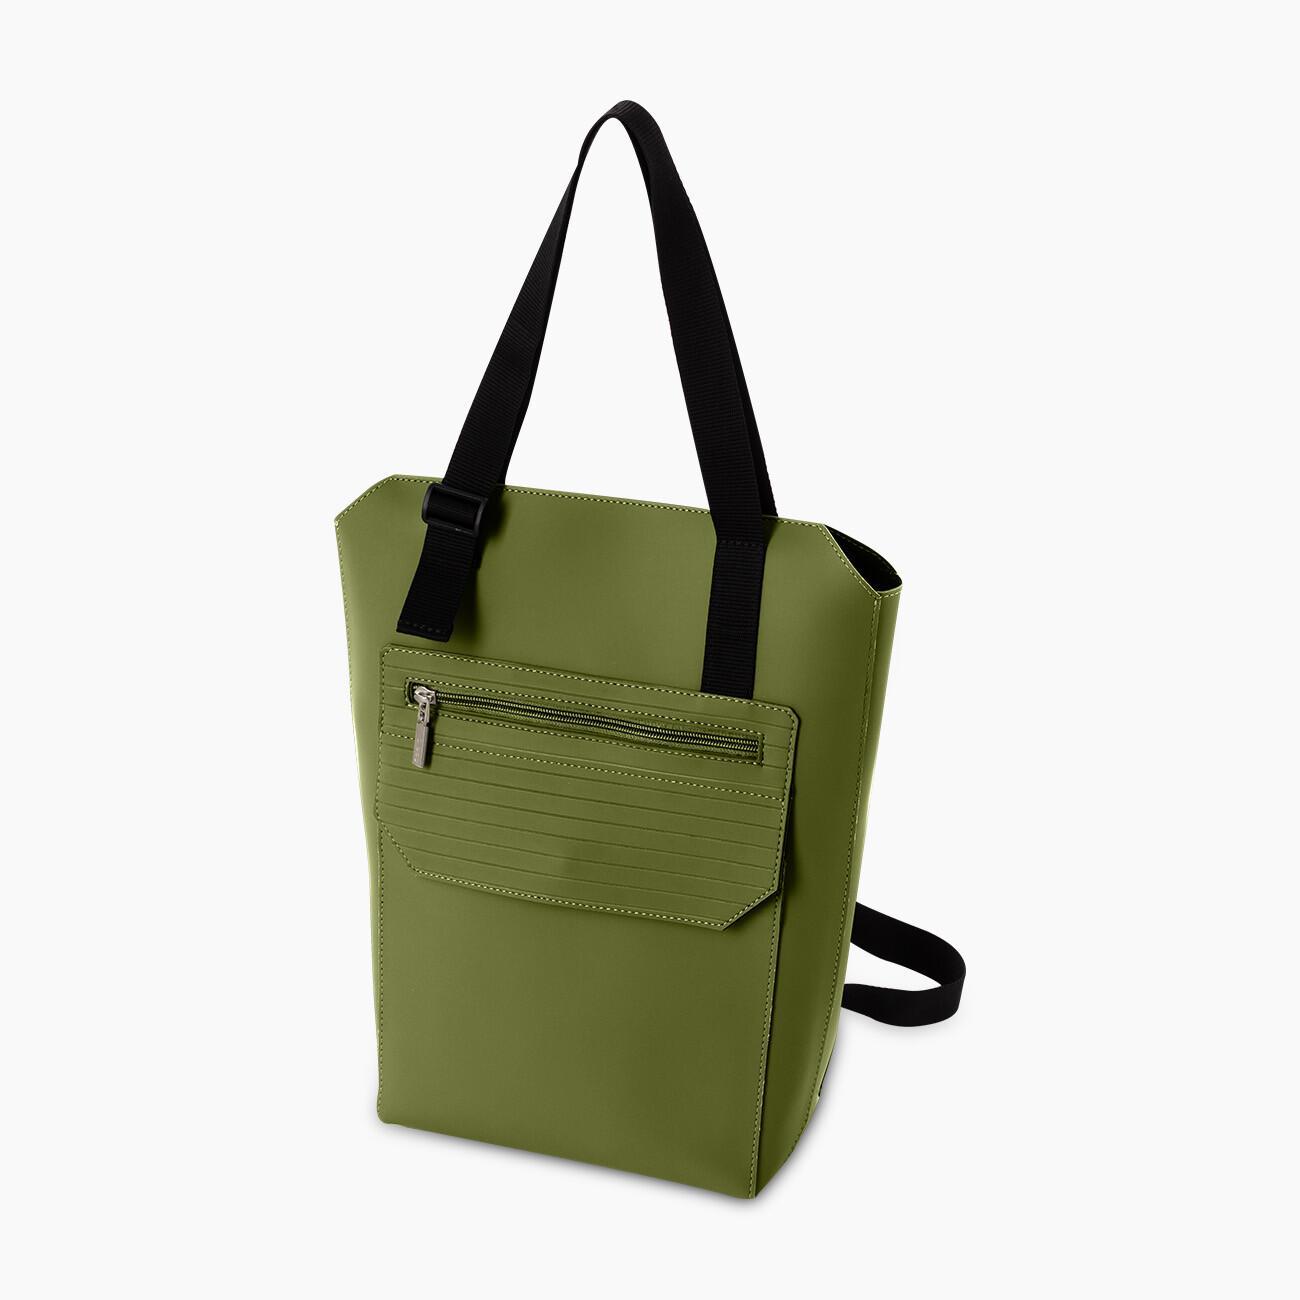 vraiment à l'aise large choix de couleurs style de mode O Bag nuovo Zaino W217 collezione inverno 2019 2020 | The ...